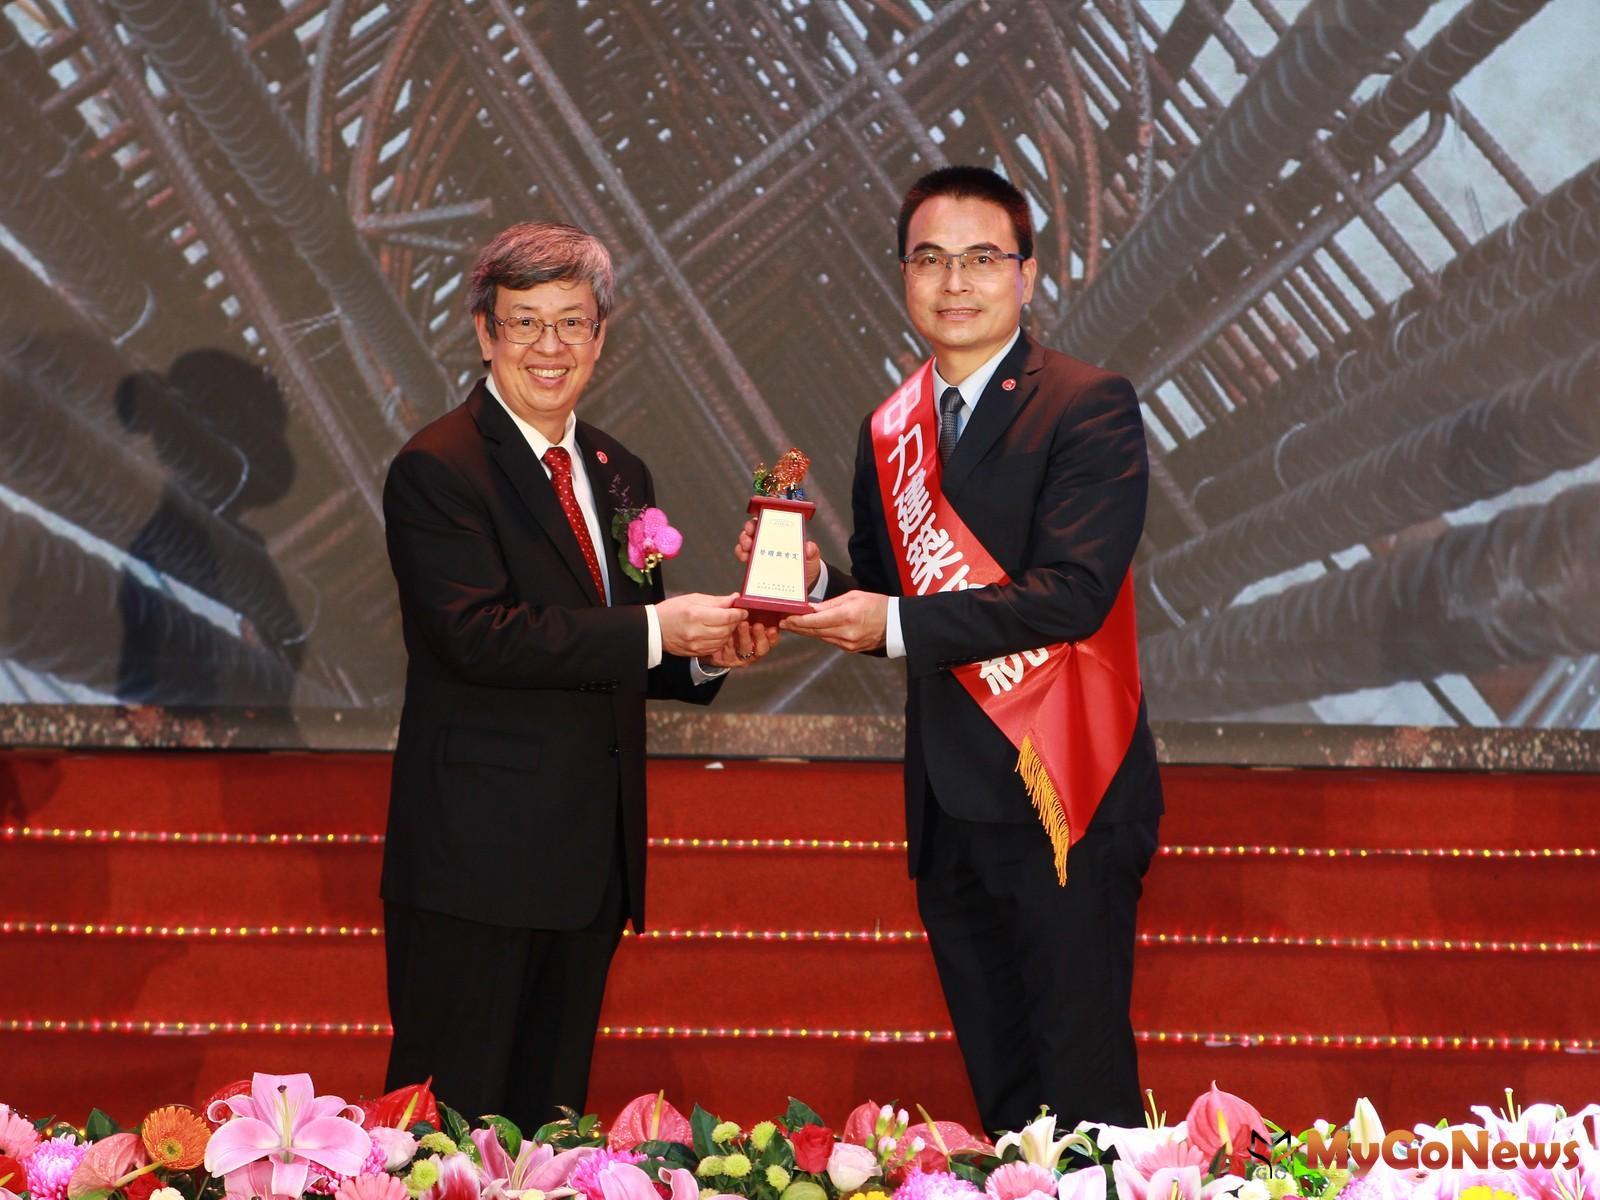 戴雲發榮獲台灣永續關懷協會舉辦的「國家建築金獎」中特別設置「大會特別獎」獎項(圖/業者提供) MyGoNews房地產新聞 市場快訊